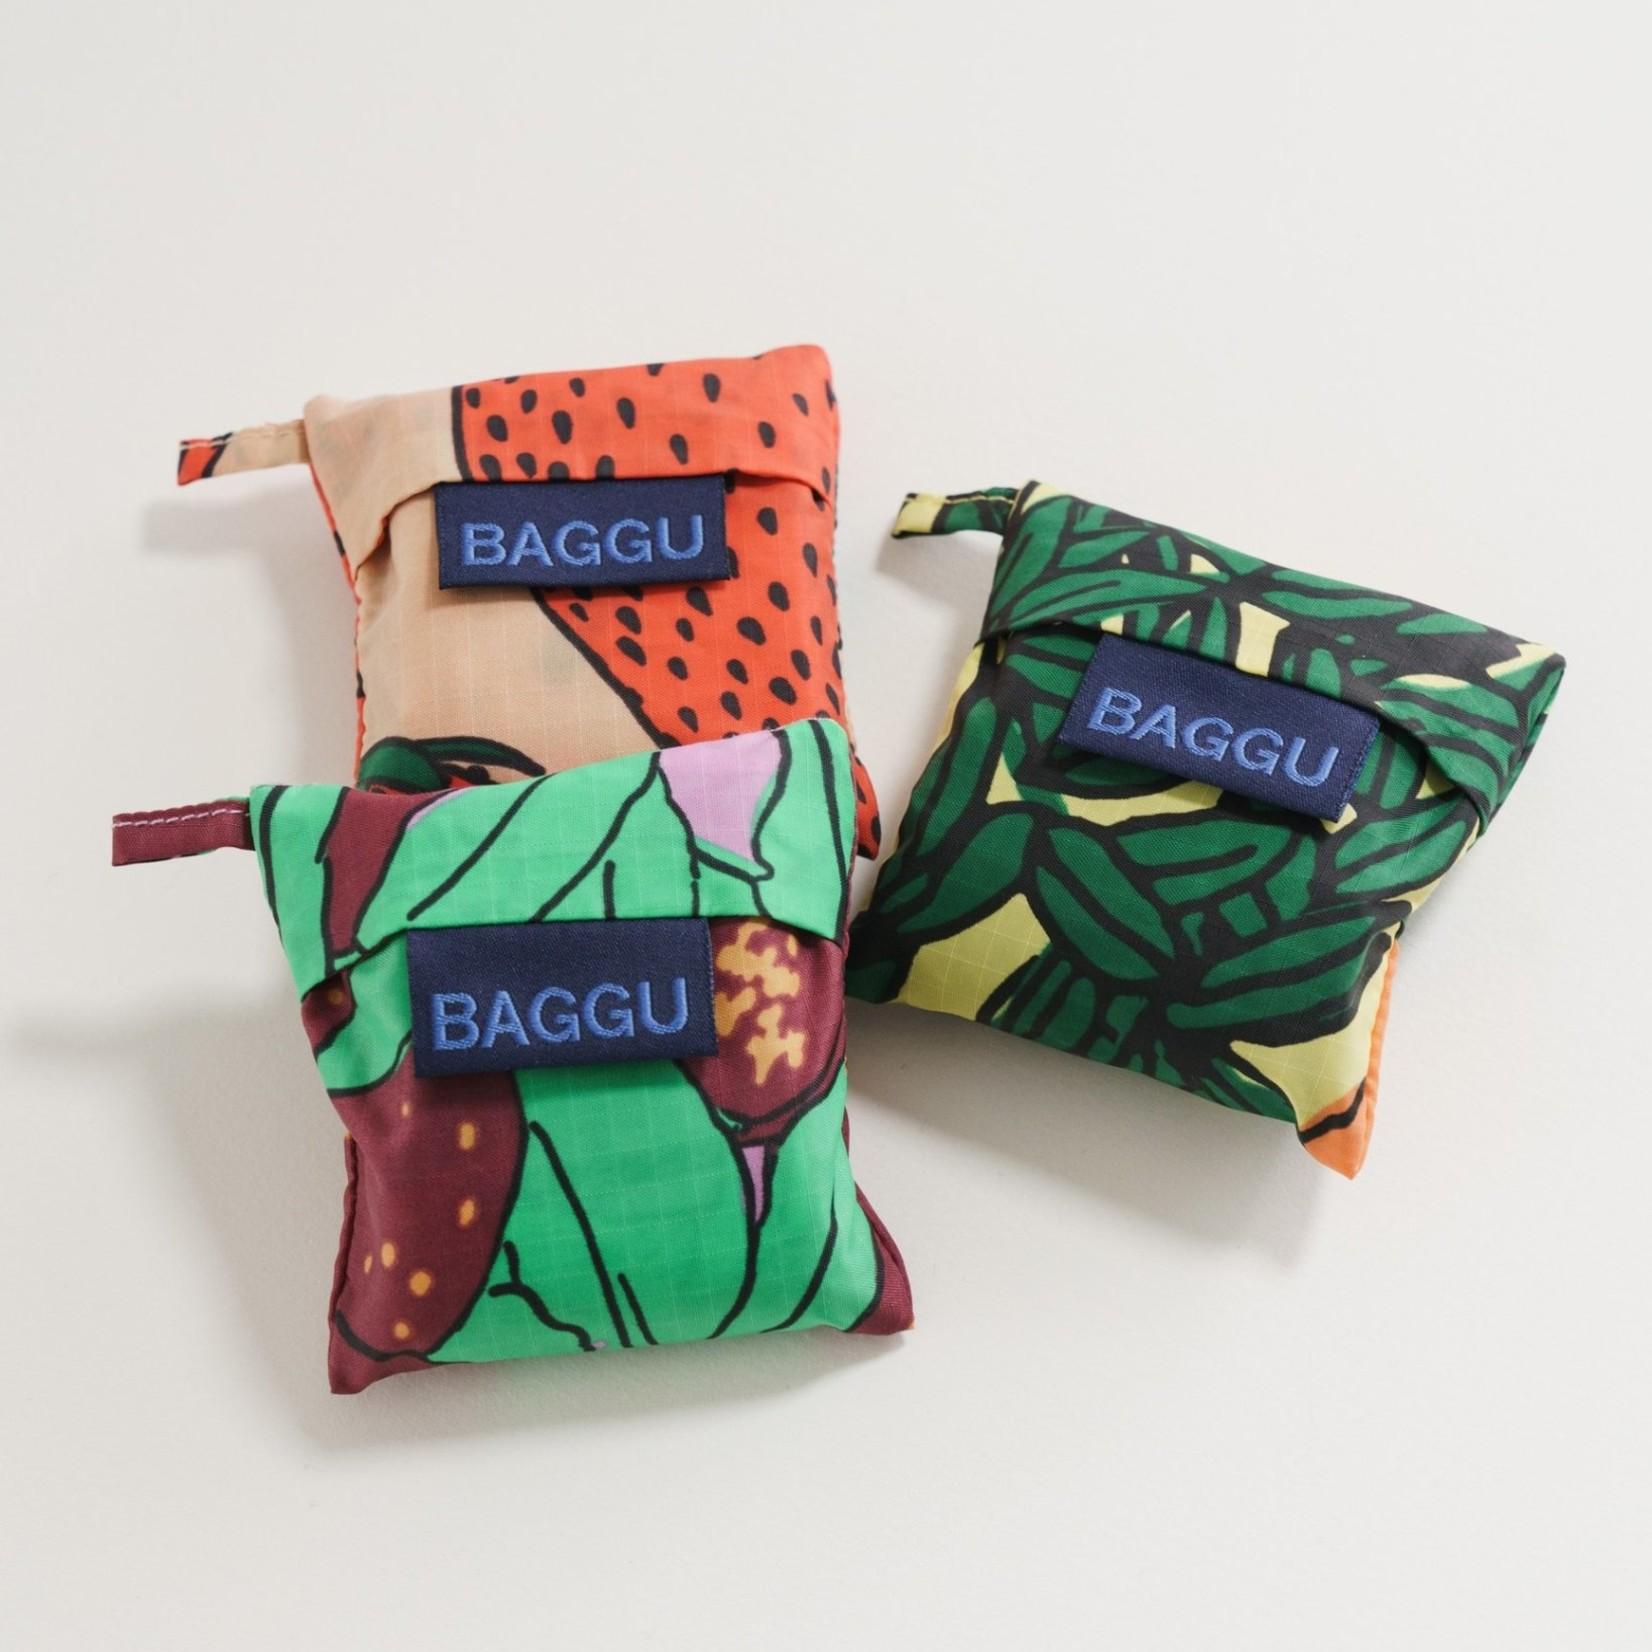 Baggu Baggu Reusable Wine Baggu Backyard Fruit Set of 3